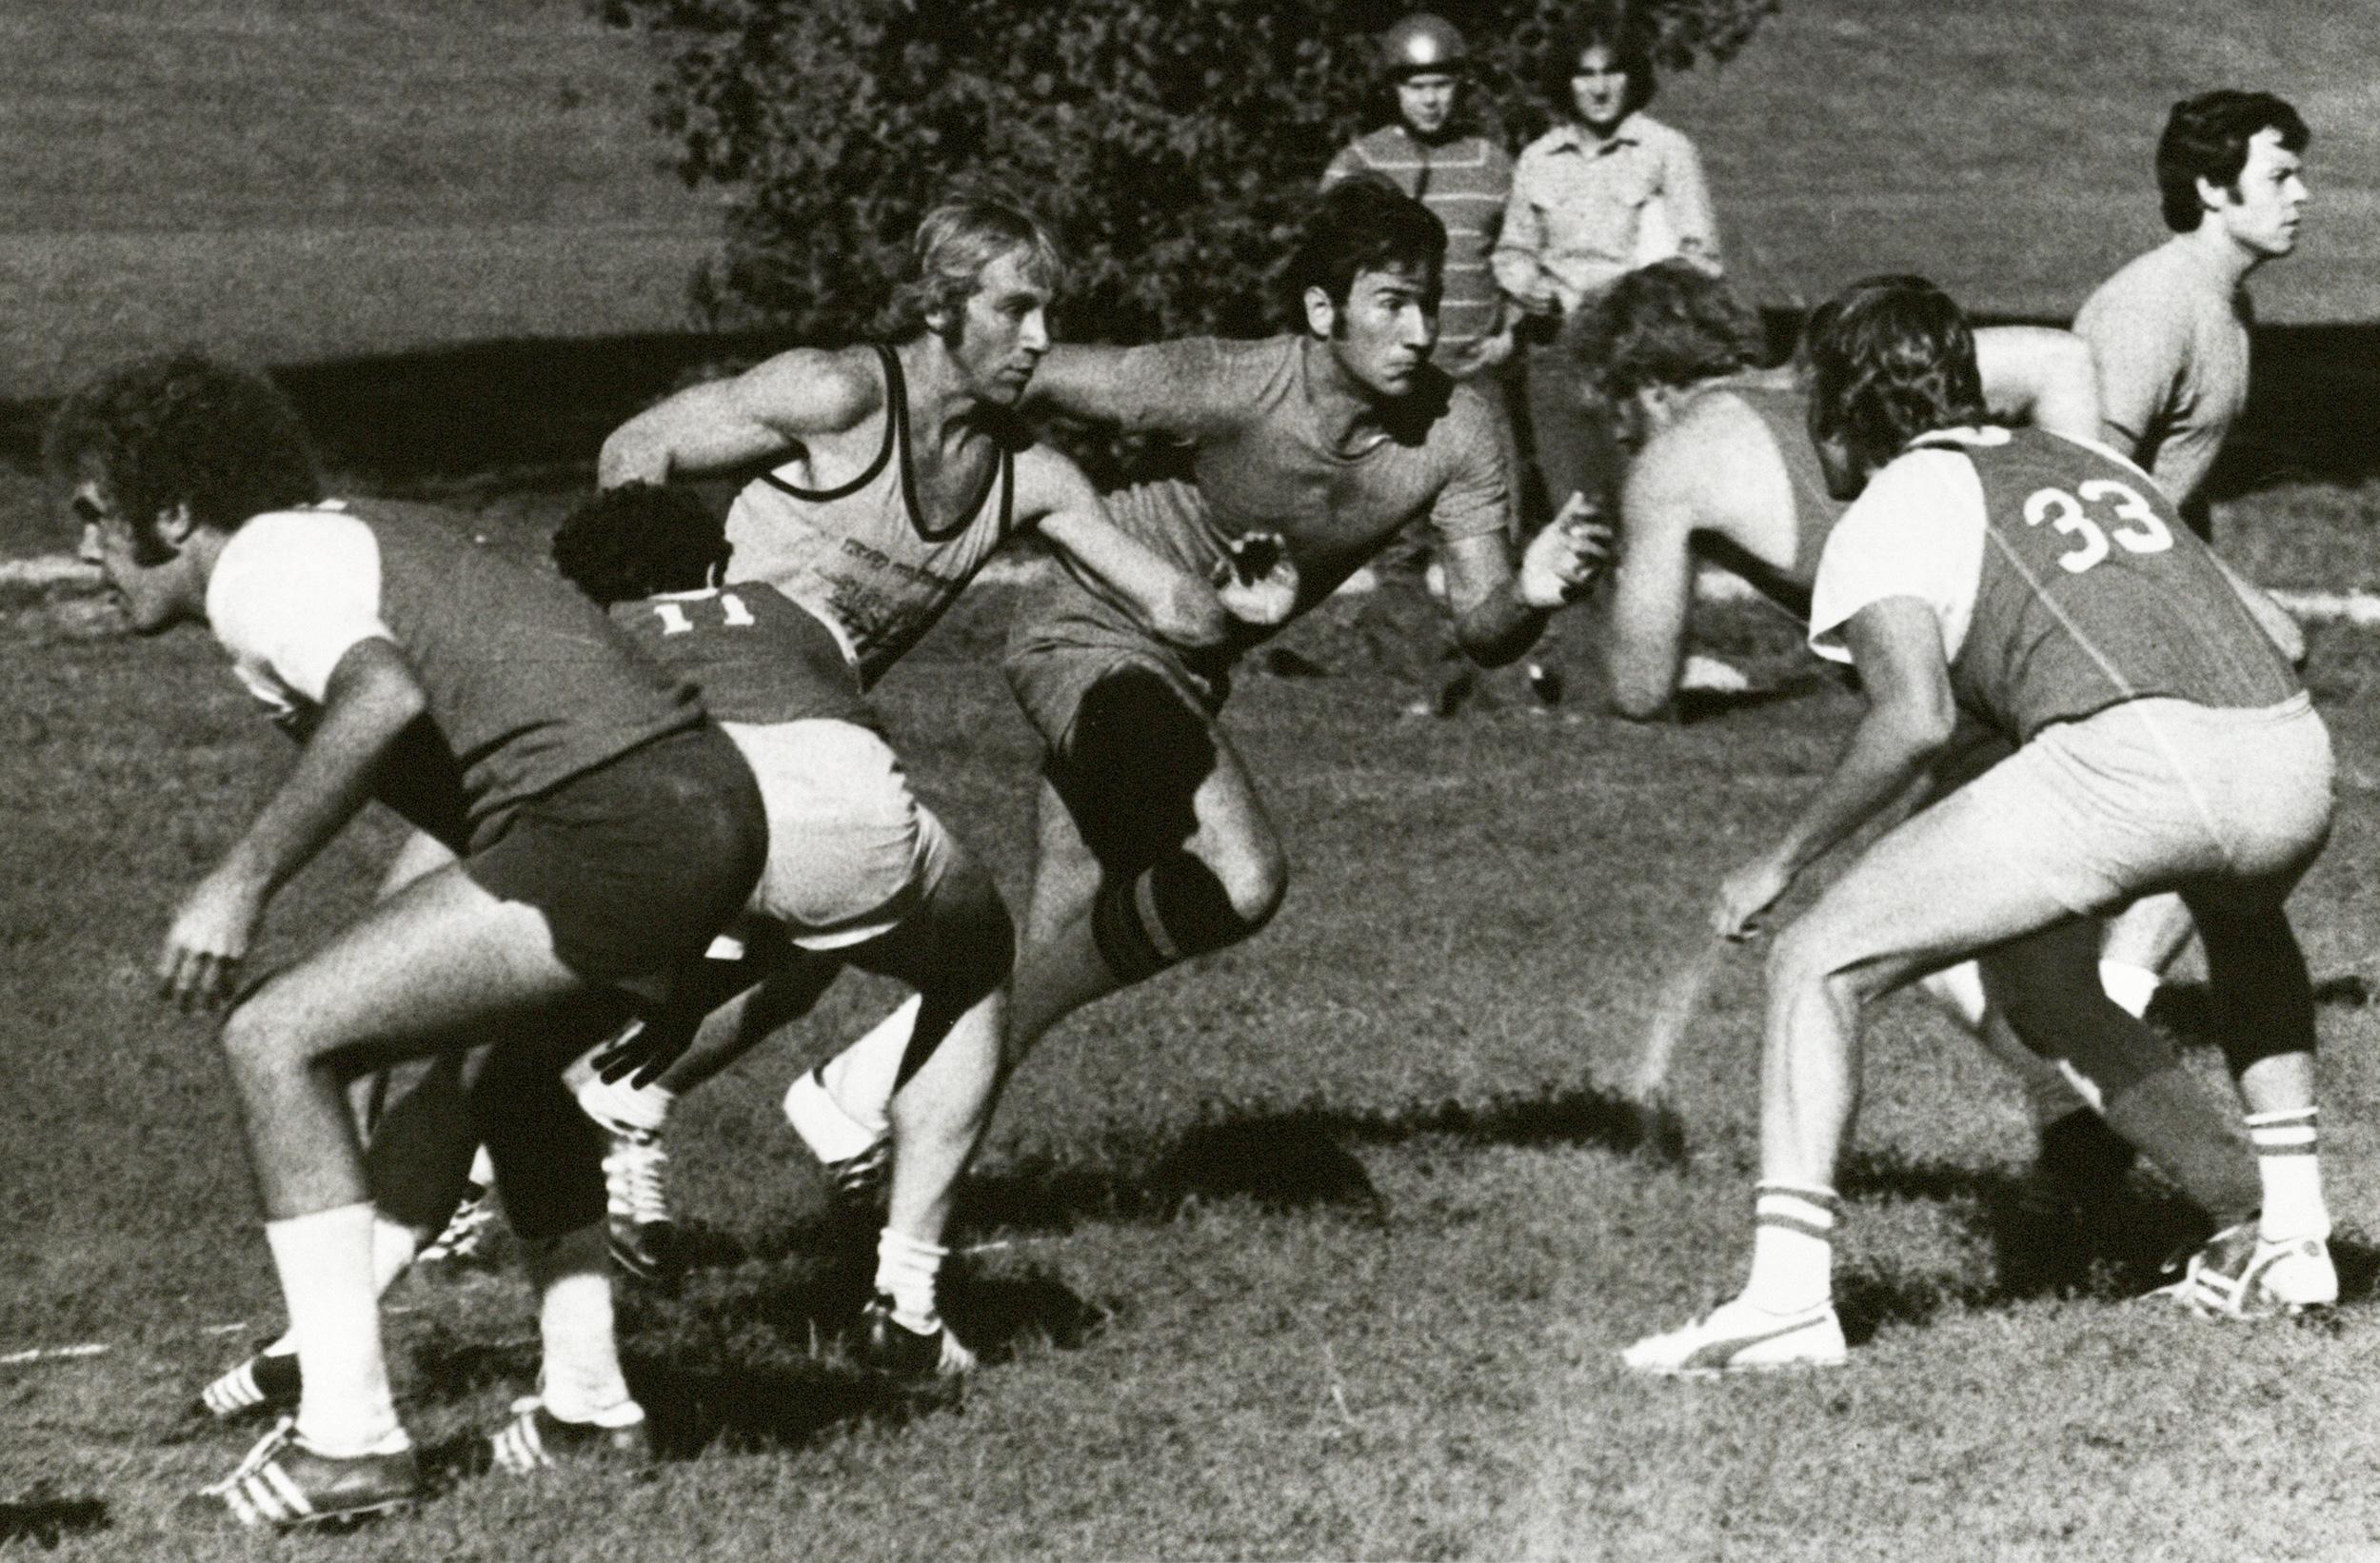 Daniels-Newell-football-game-1974.jpg